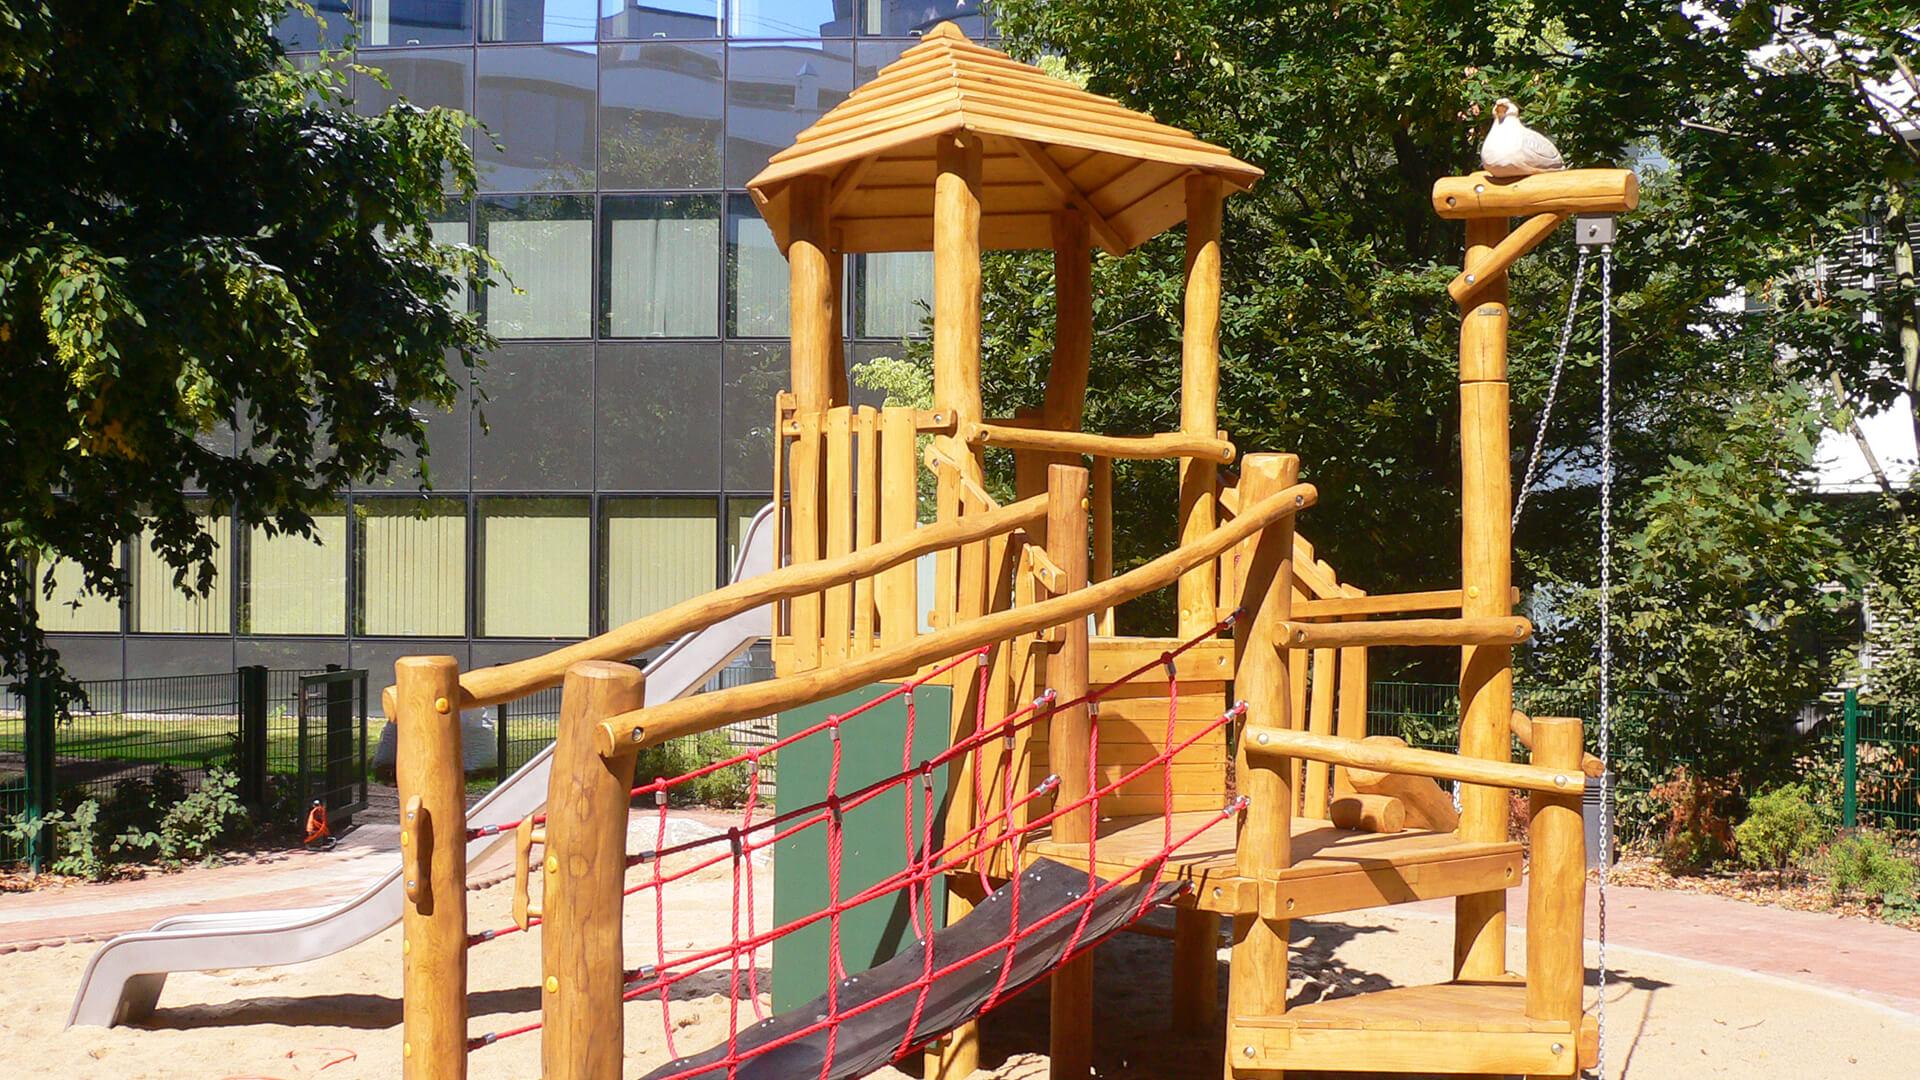 Spielplatz der Kita mit Klettergerüst und Rutsche